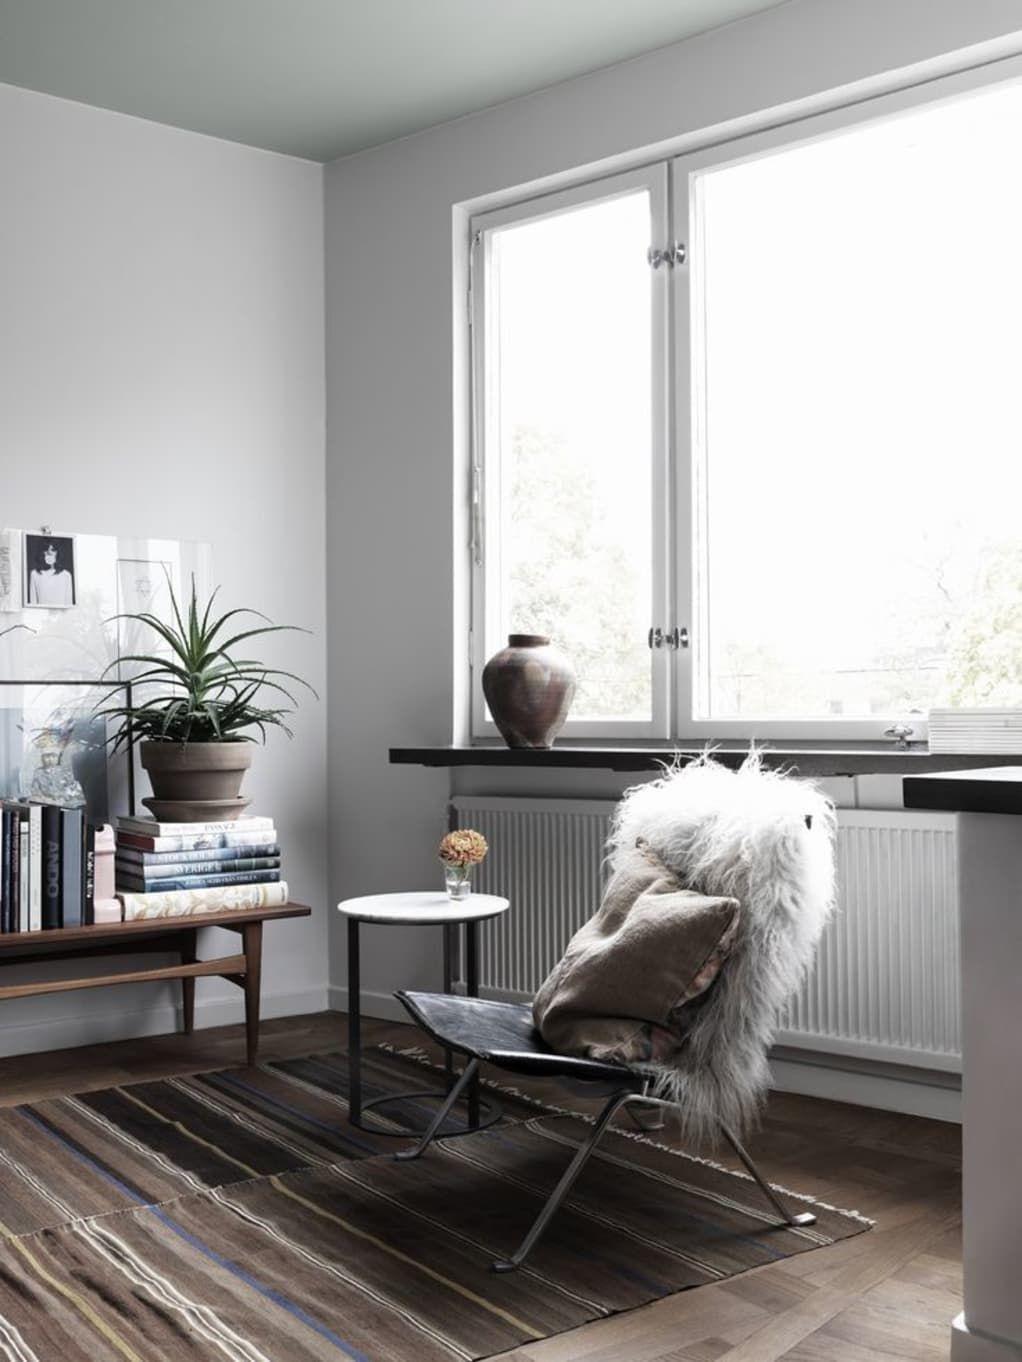 Mitte jahrhundert badezimmer dekor  examples of minimal interior design   wohnen  pinterest